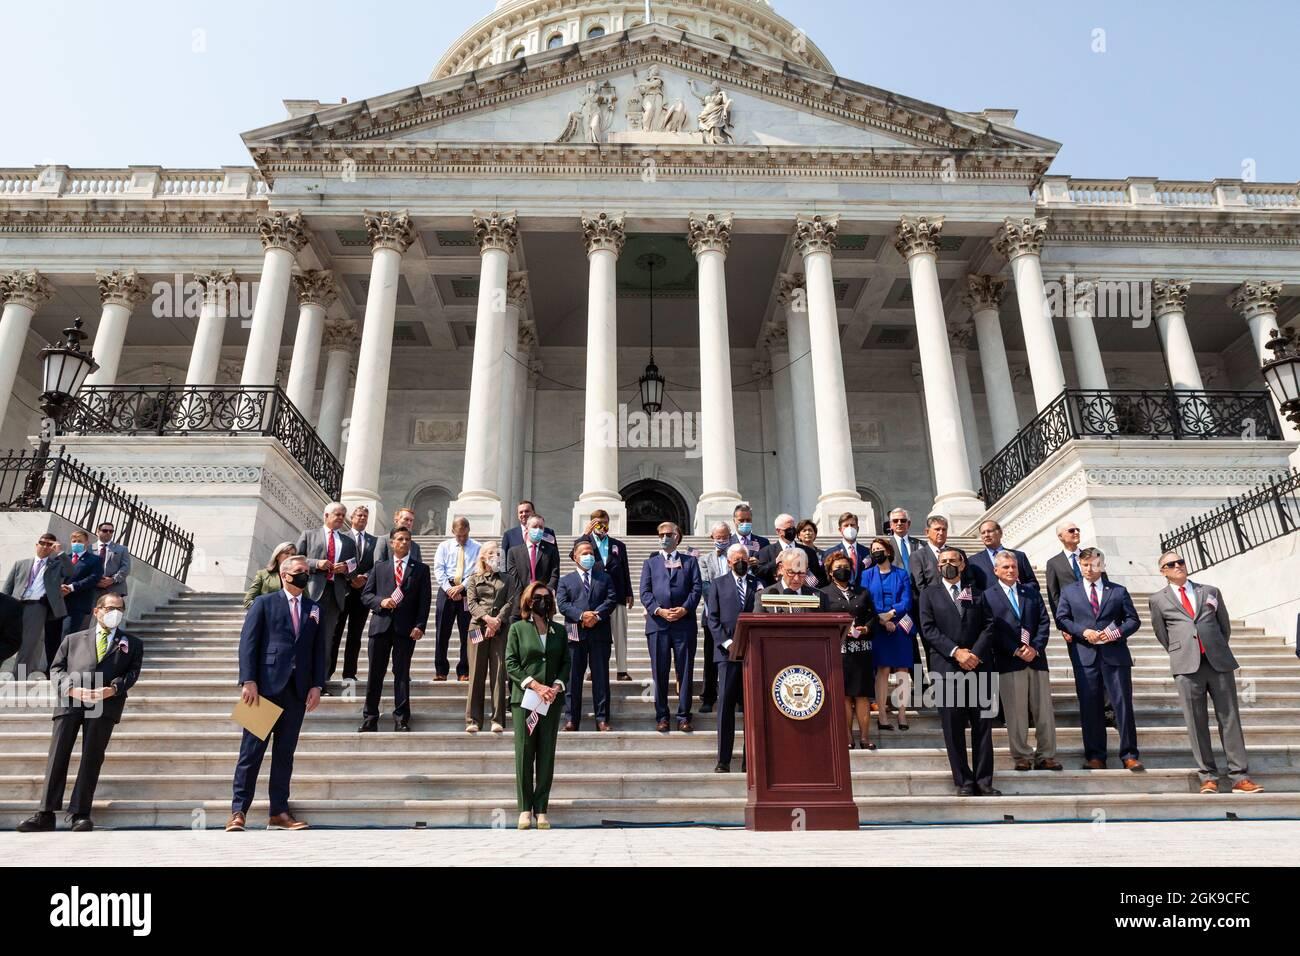 Washington DC, USA. September 2021. Der Mehrheitsführer des Senats, Chuck Schumer, Demokrat von New York, spricht während einer Zeremonie über die Kapitolsstufen zum Gedenken an die Opfer der Anschläge vom 11. September. Kredit: Allison Bailey/Alamy Live Nachrichten Stockfoto